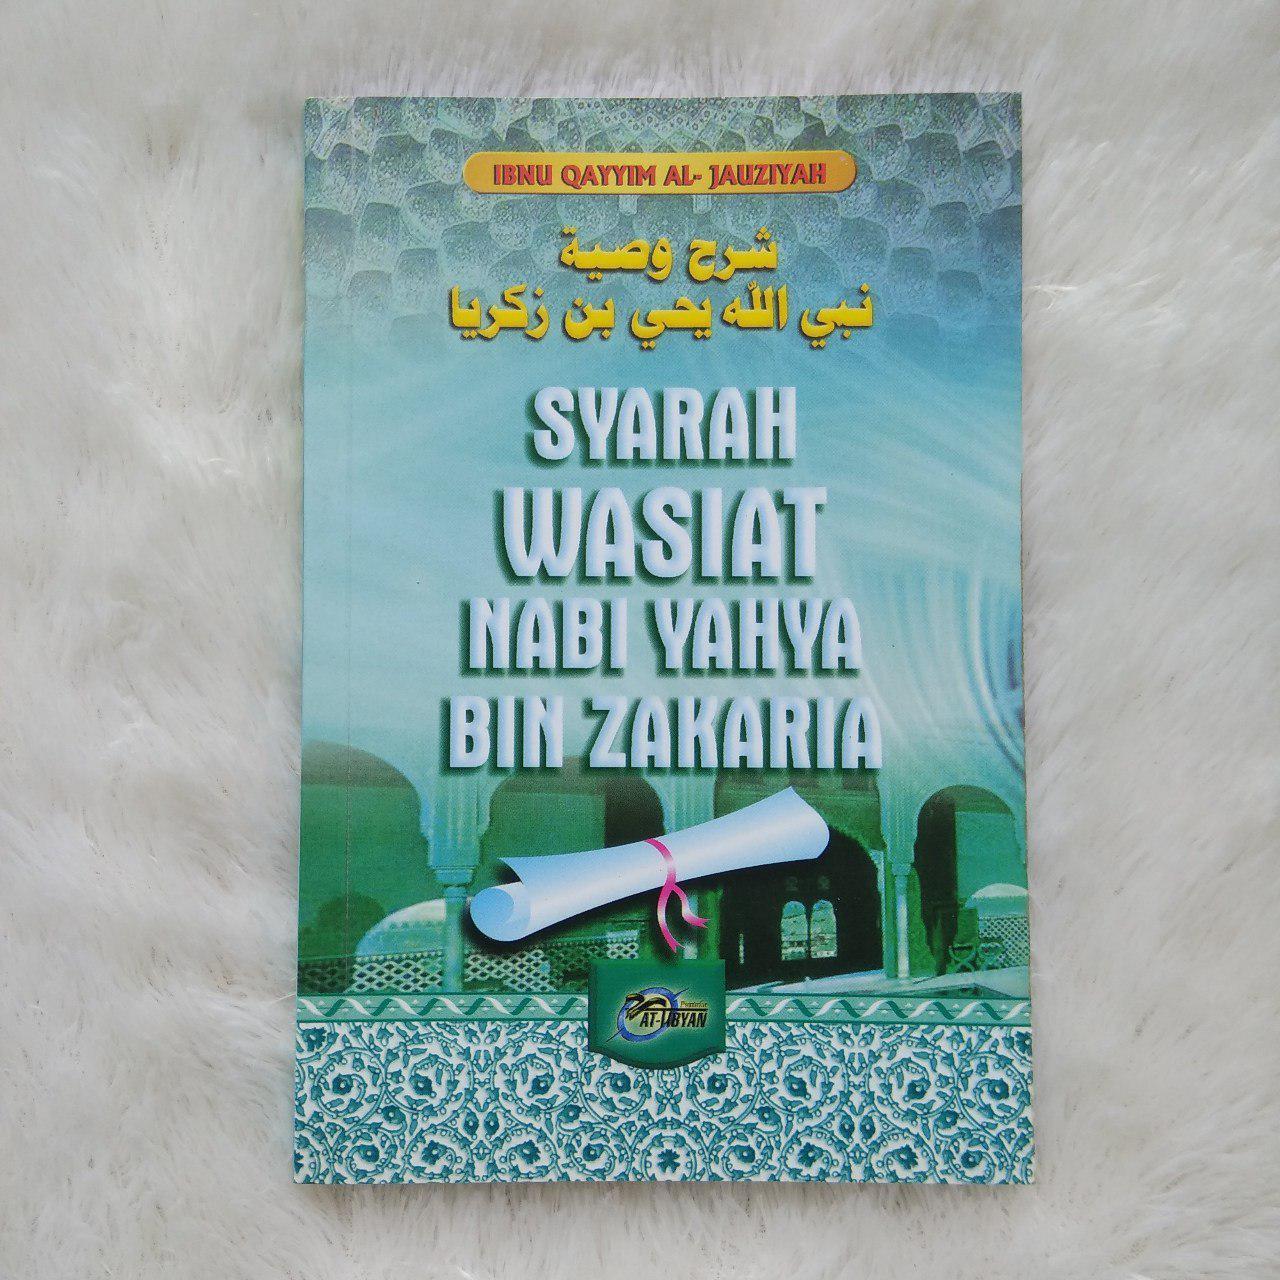 Buku Syarah Wasiat Nabi Yahya Bin Zakaria